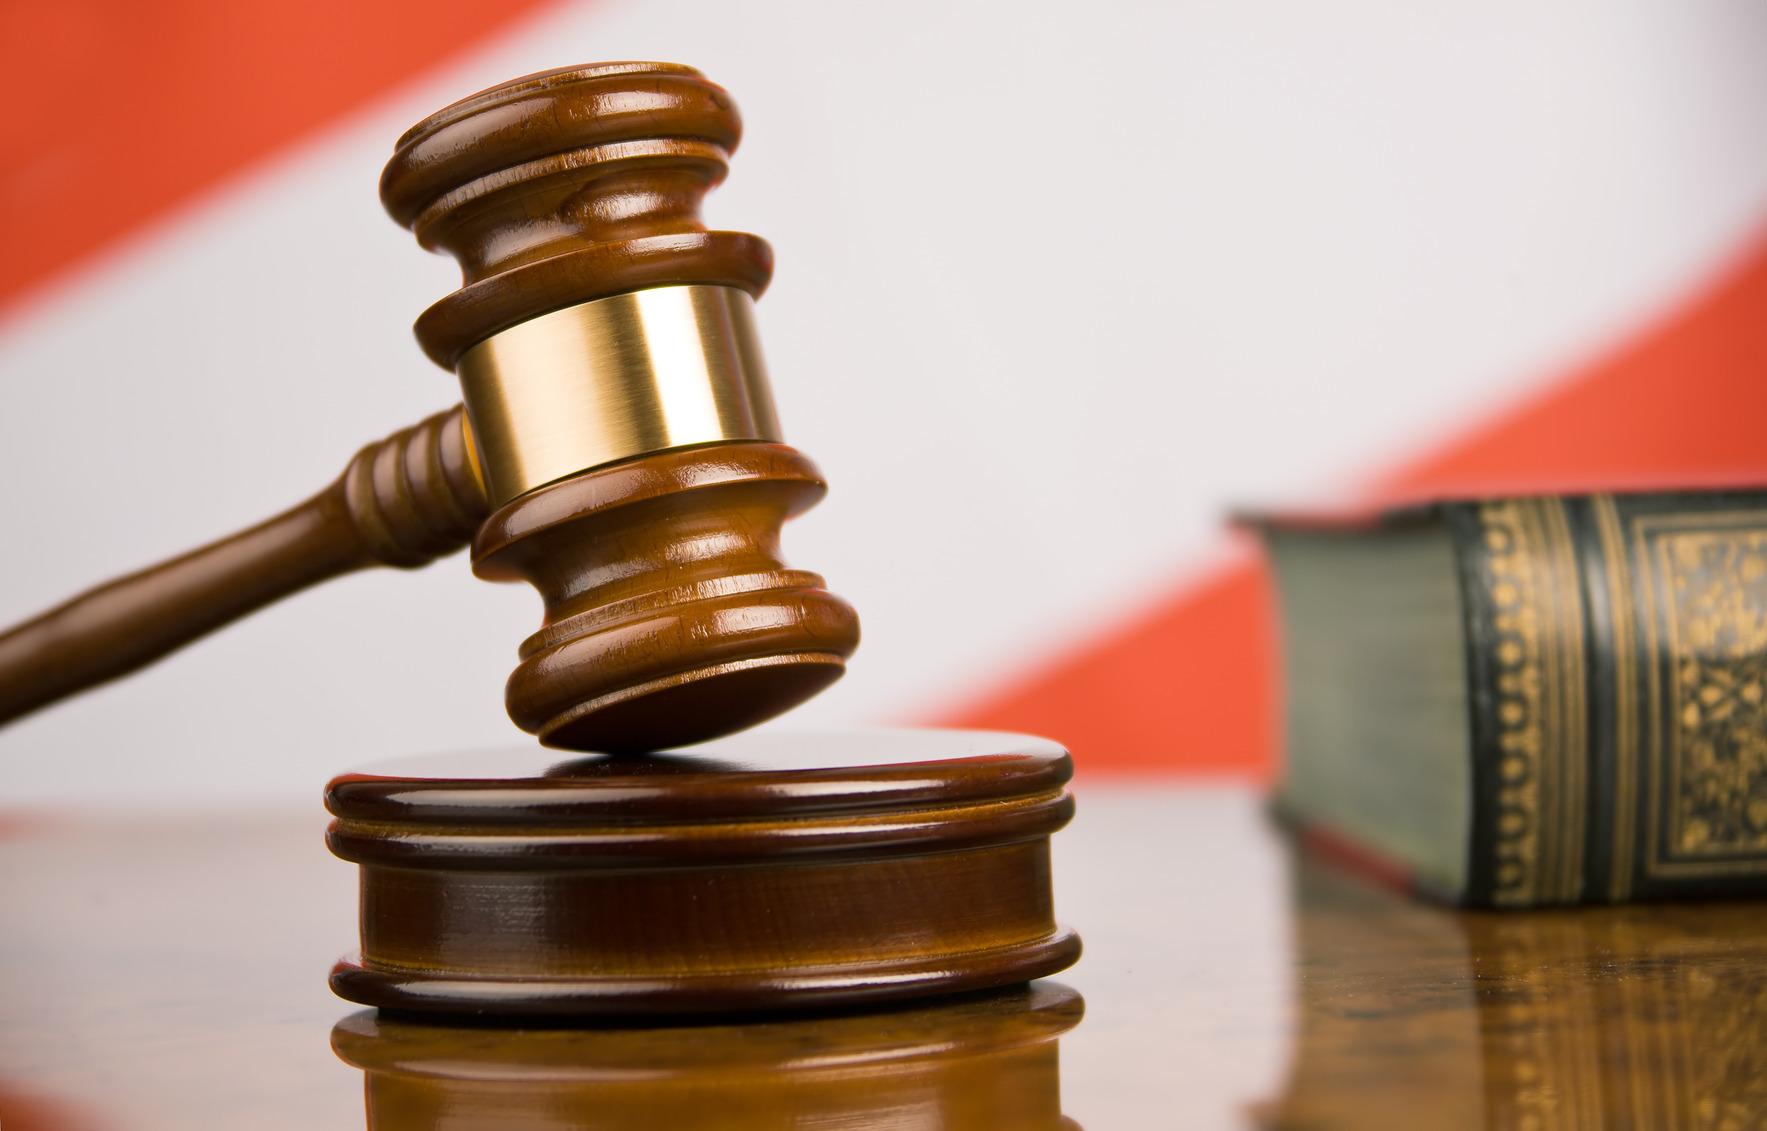 В Астане вынесли приговор экс-чиновнику за кражу из дамской сумочки